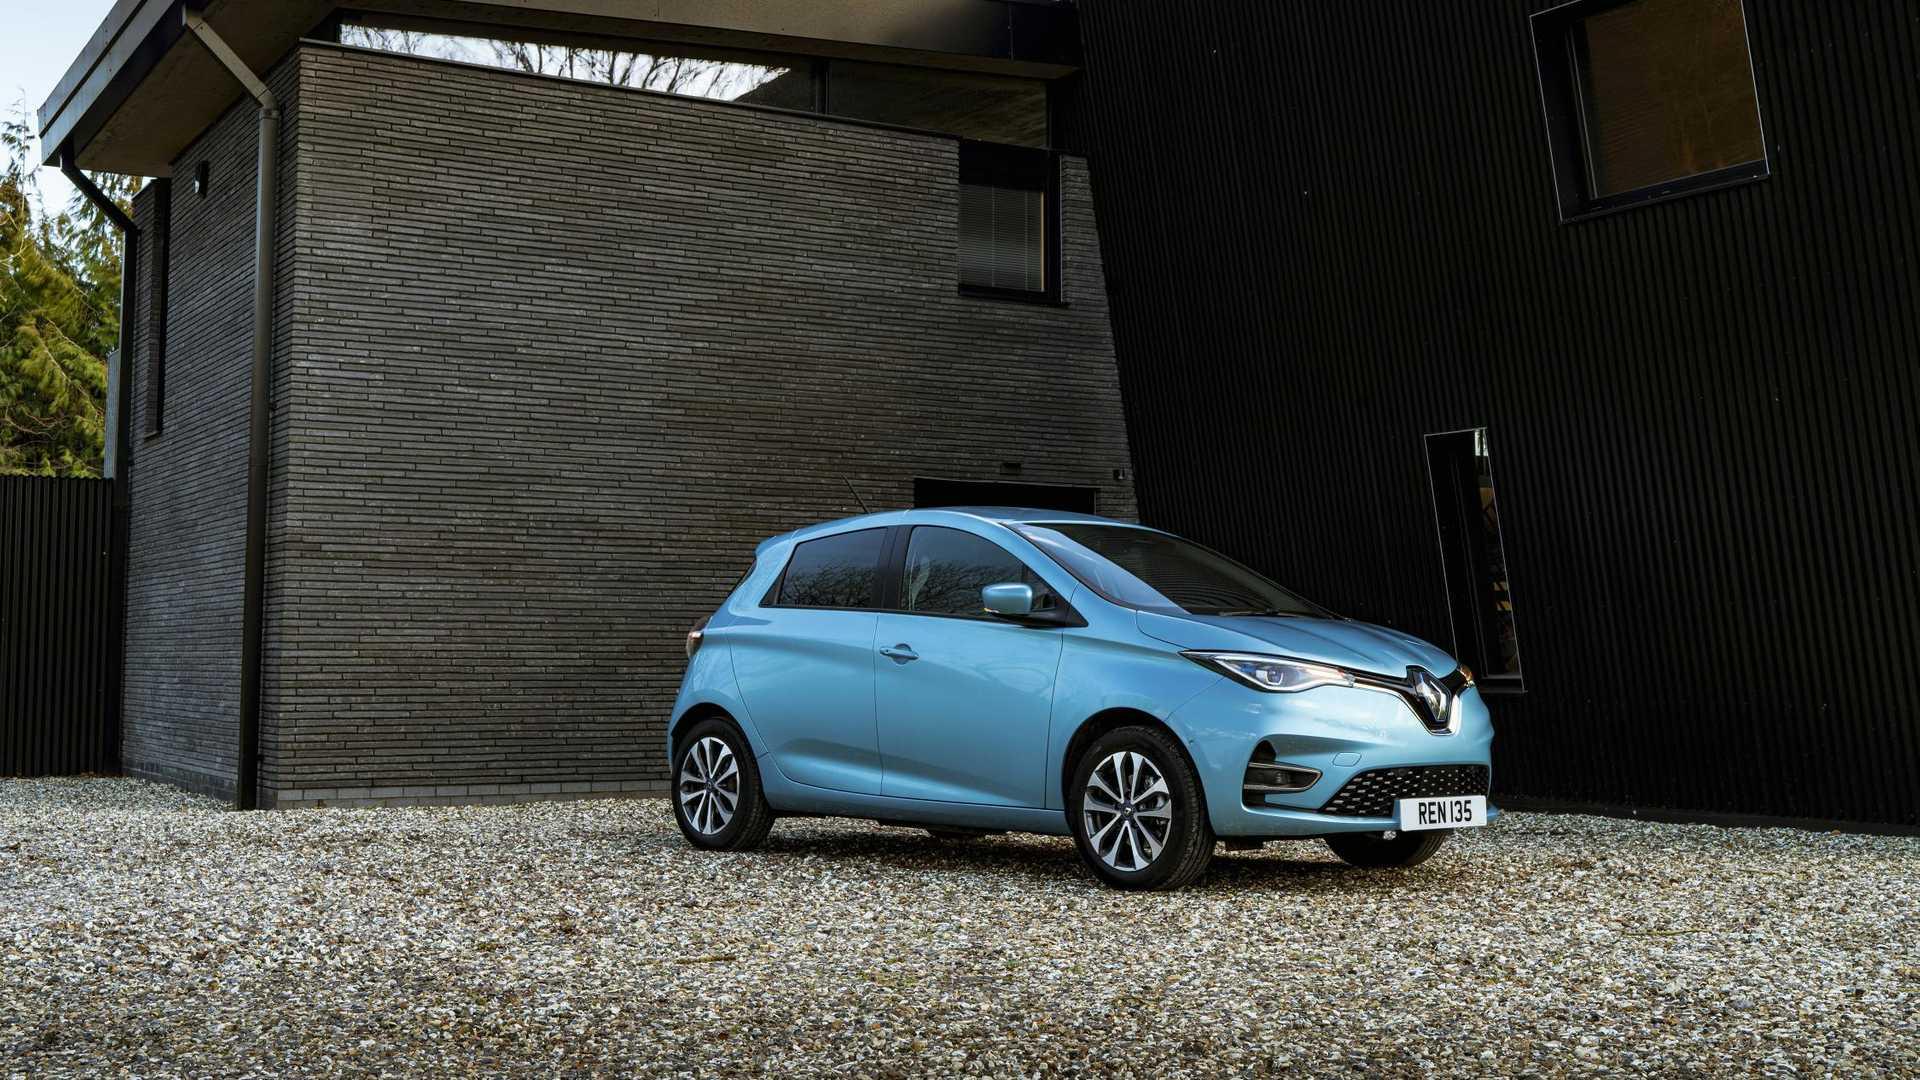 В апреле 2020 года продажи электромобилей Renault упали на 50%